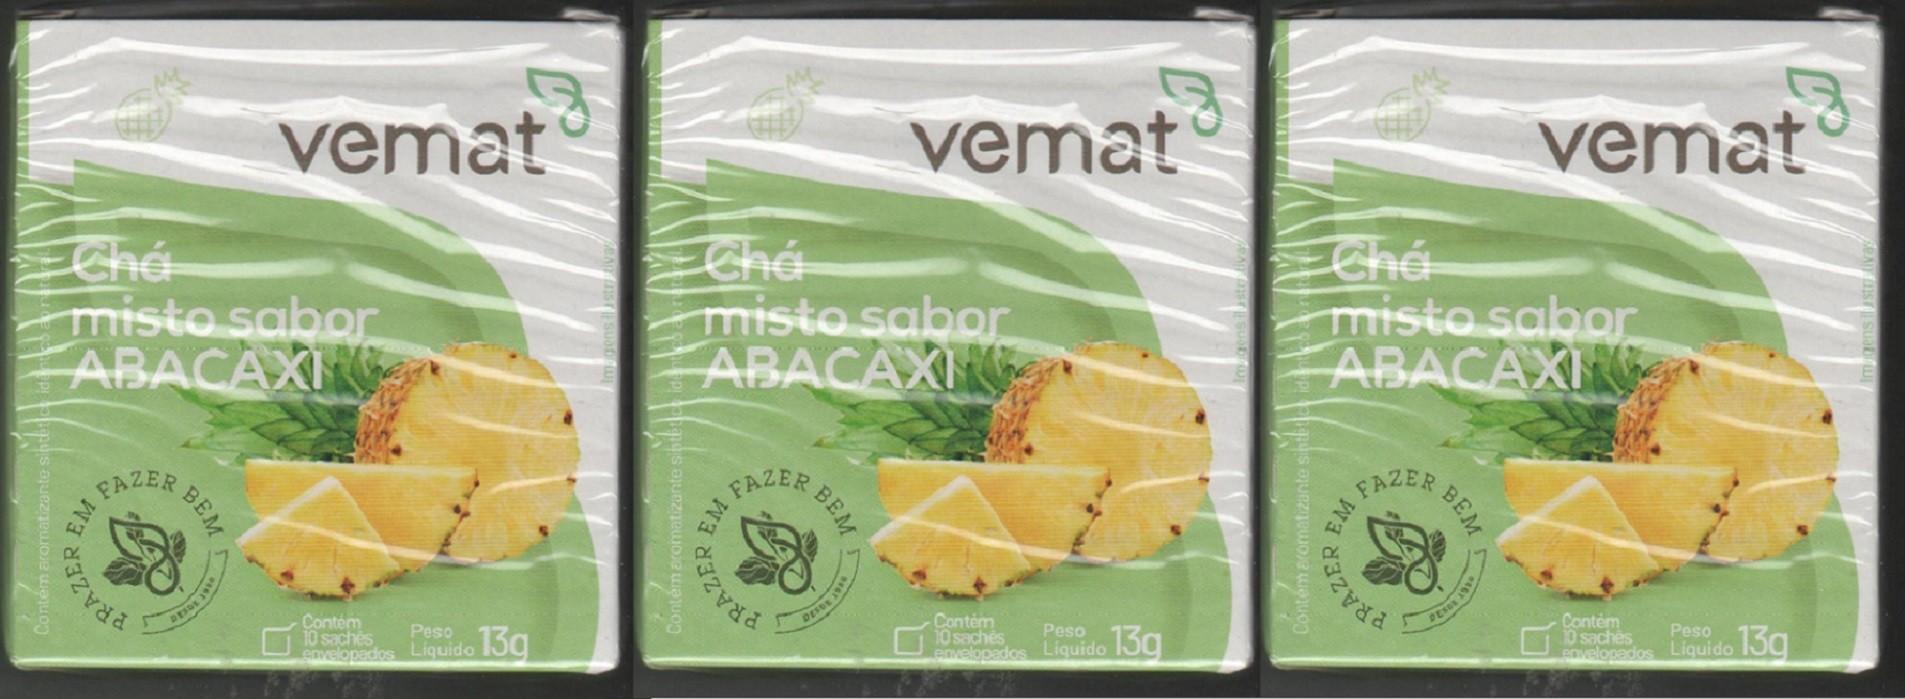 Cha De Abacaxi Vemat 10 Saches 3 Caixas